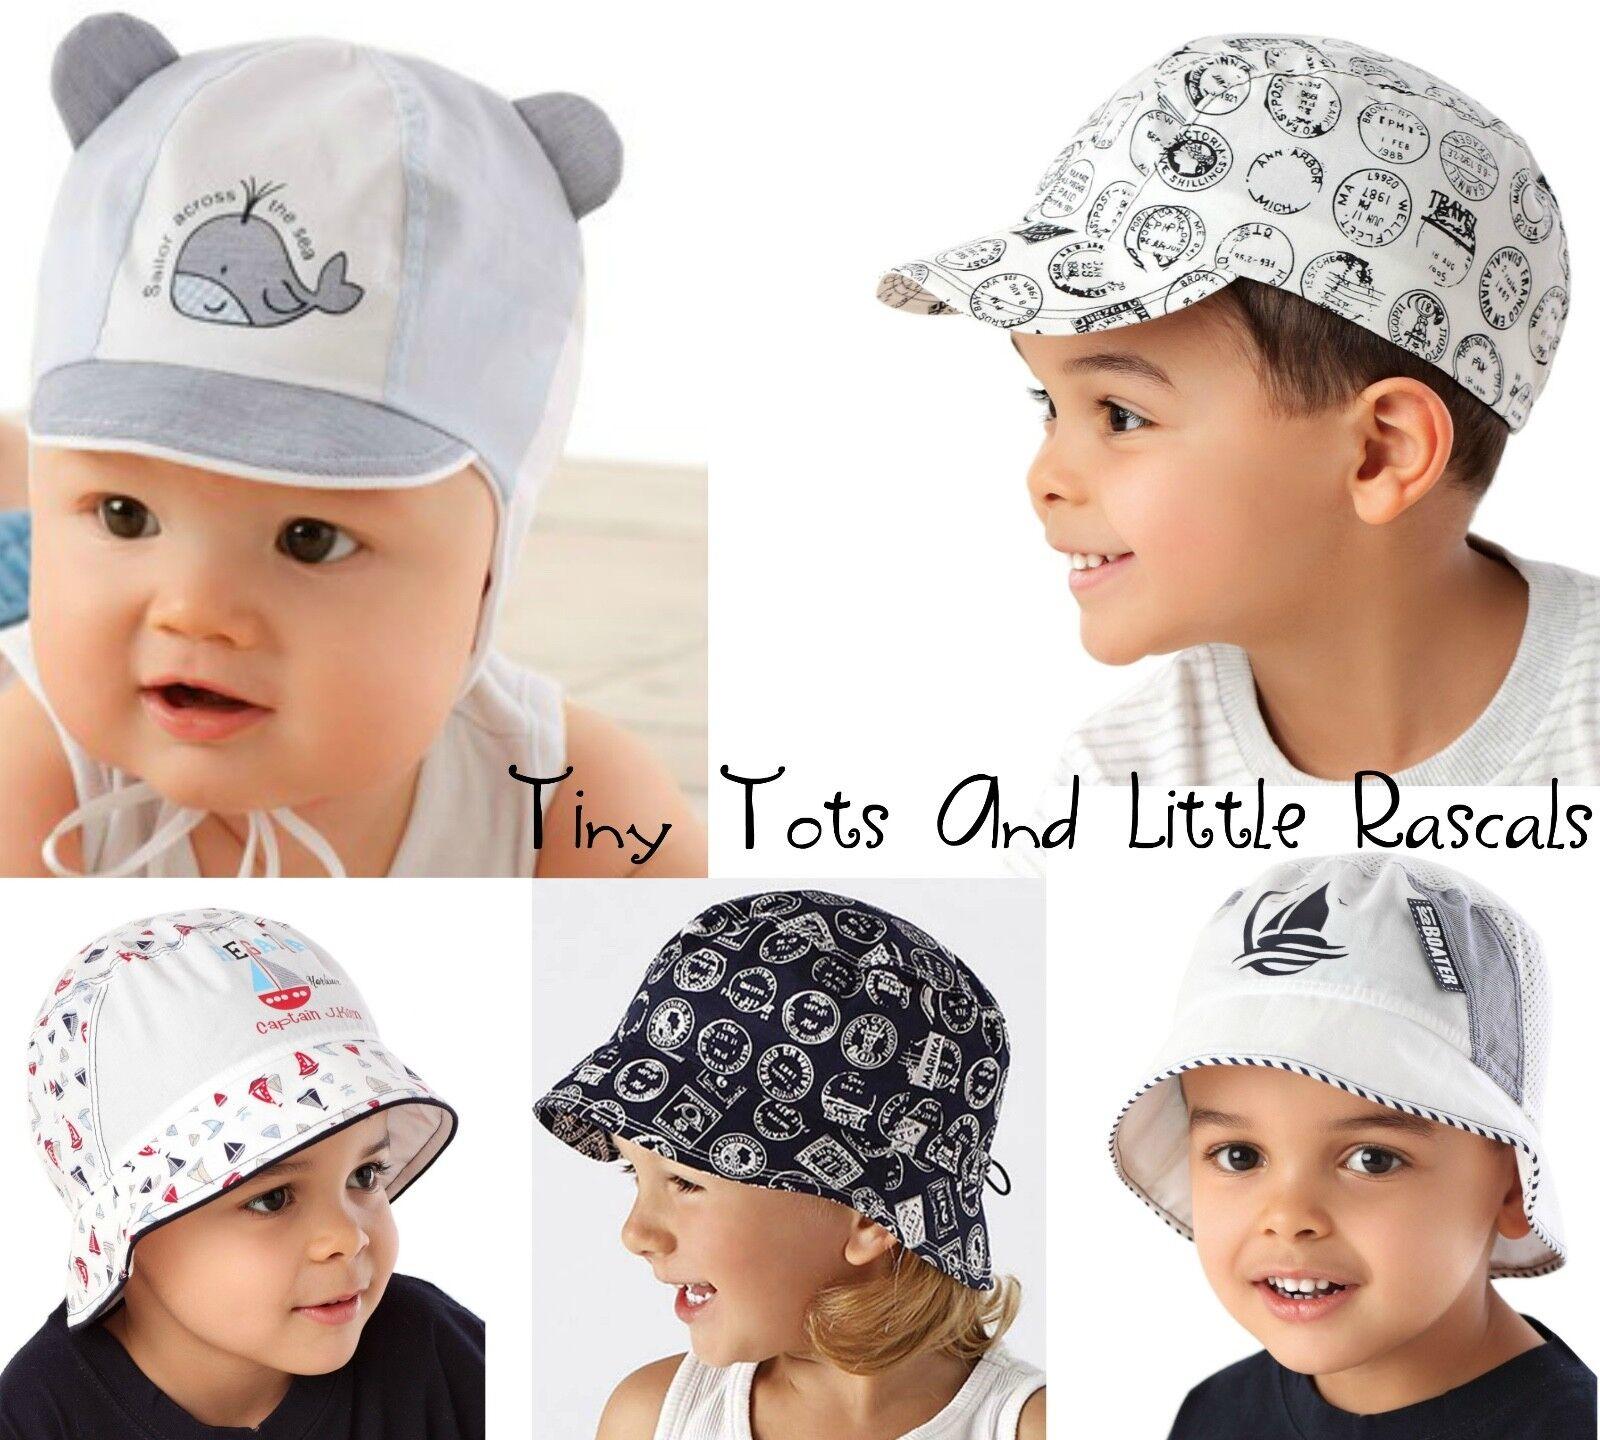 Baby Boy Toddler Kids Holiday Beach Summer Cotton Sun Cap Hat newborn - 8 years